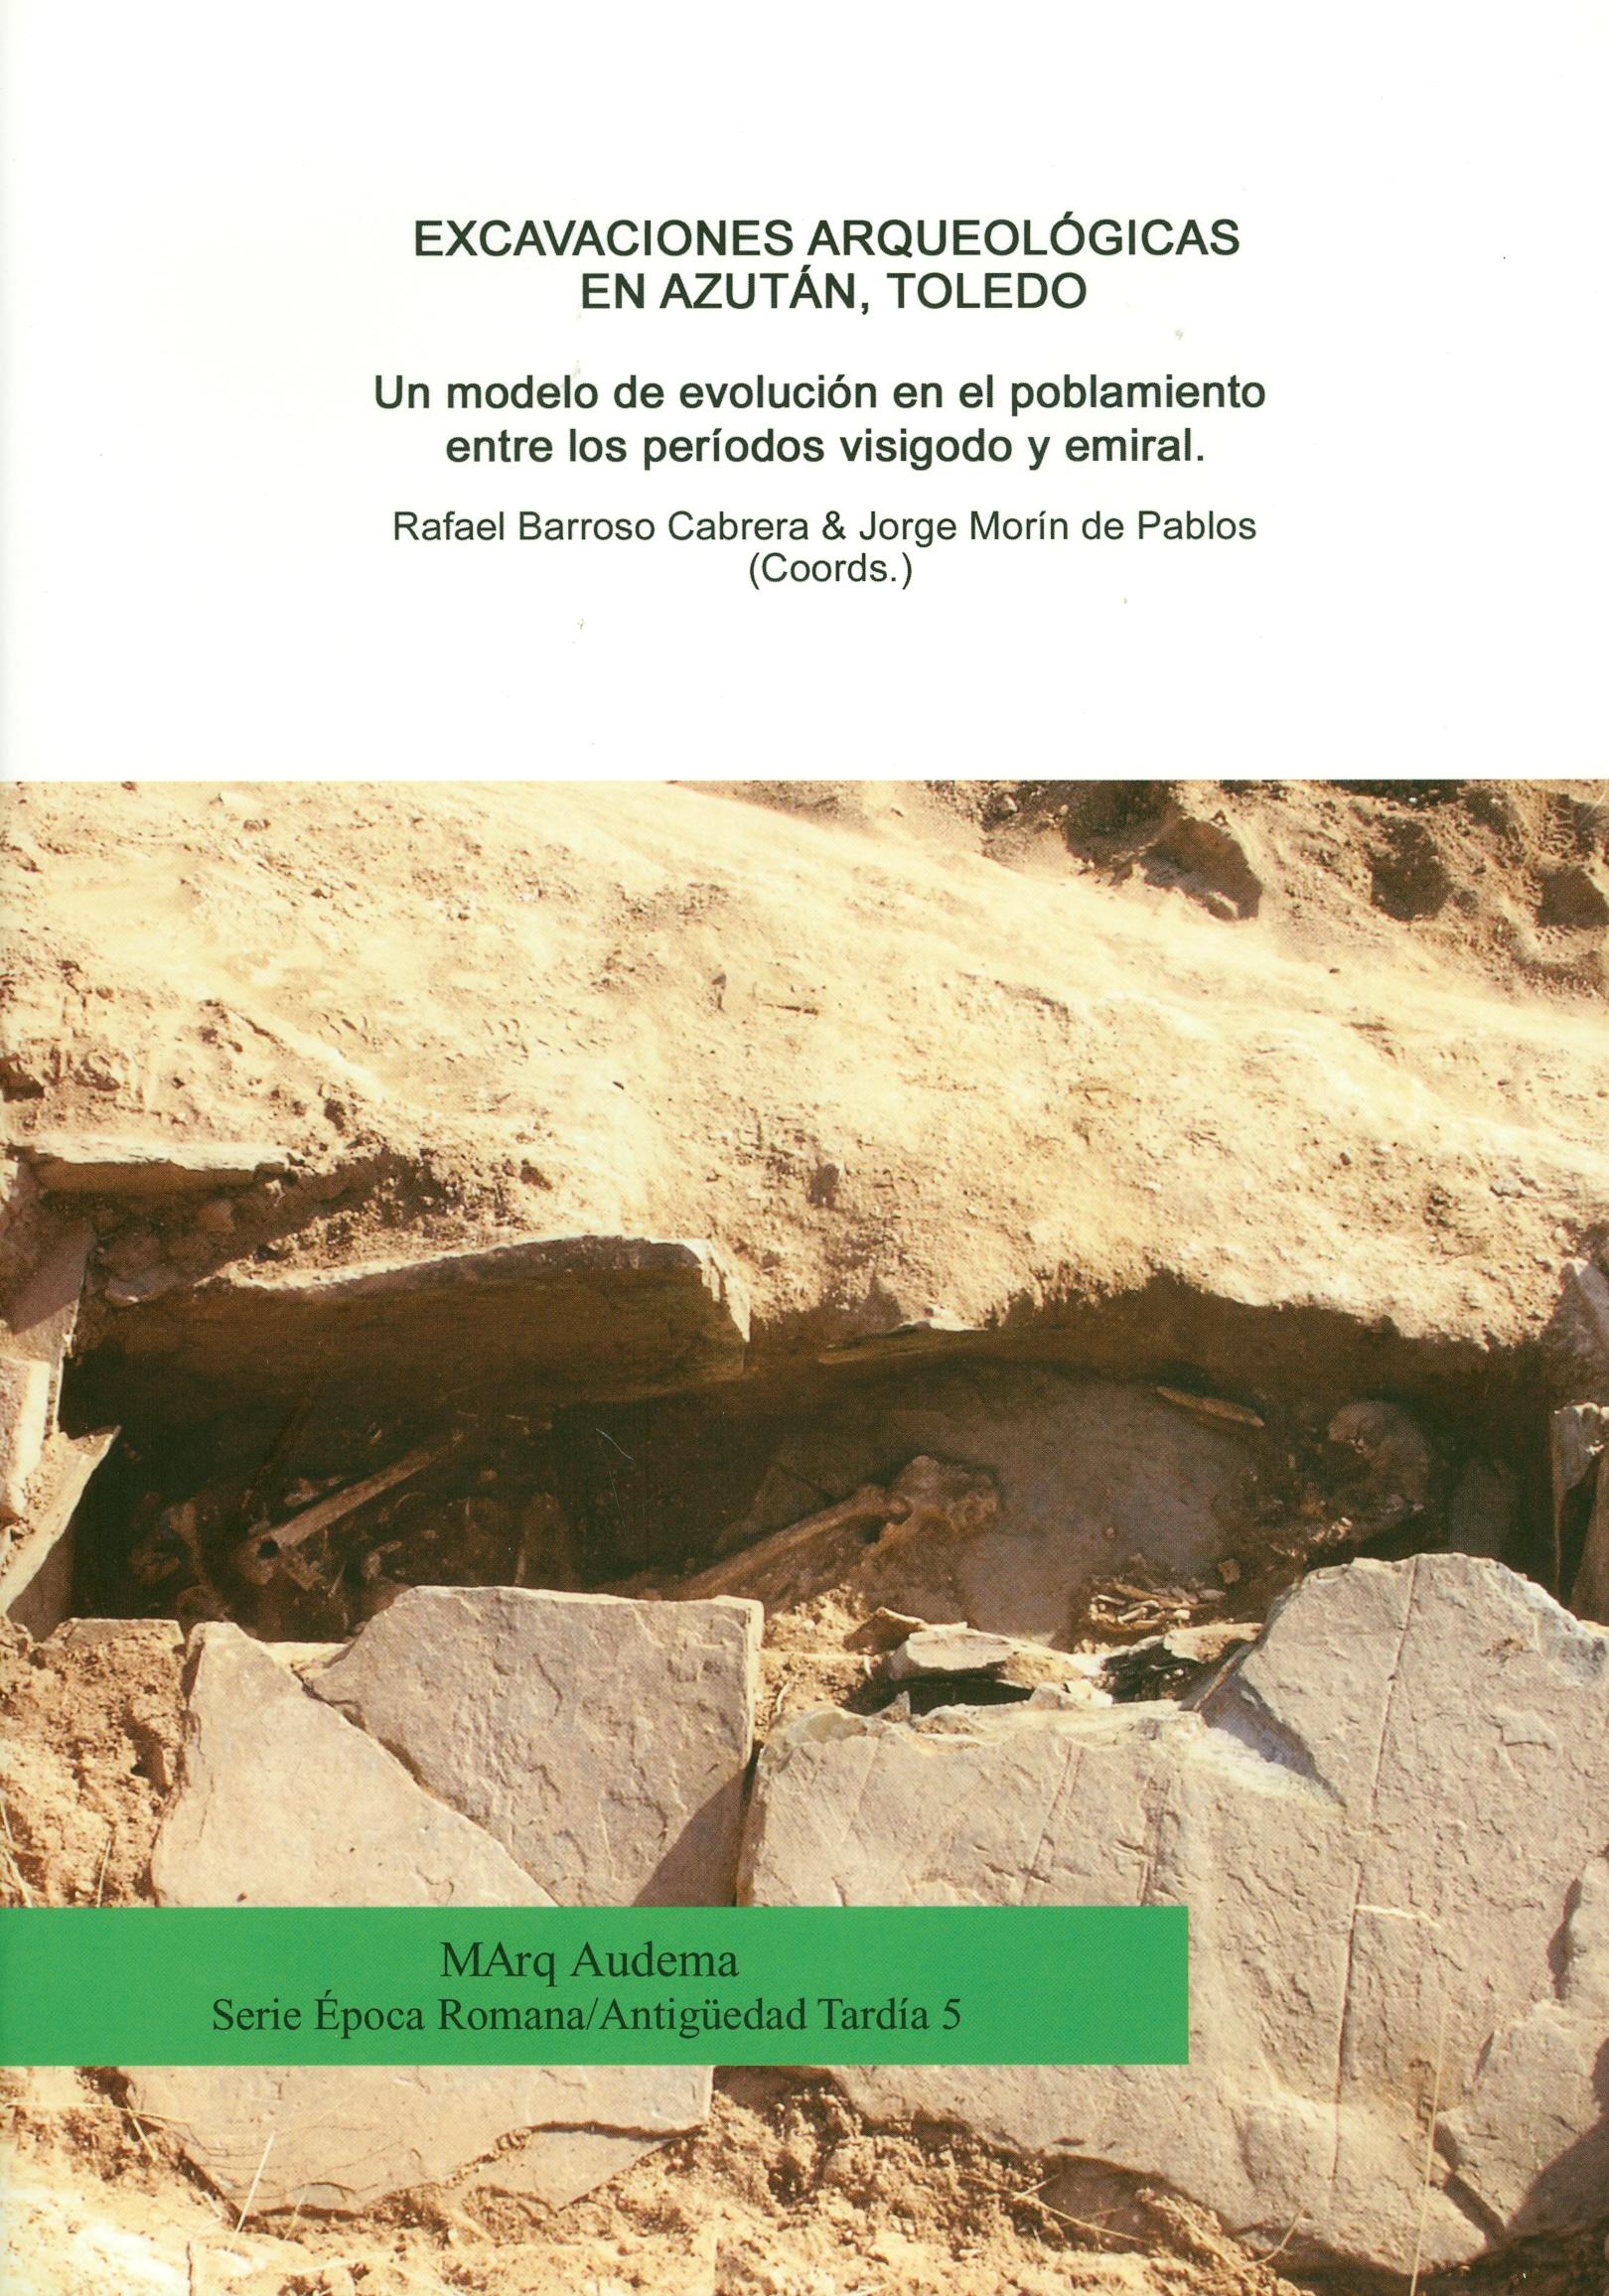 Excavaciones arqueológicas en Azután, Toledo